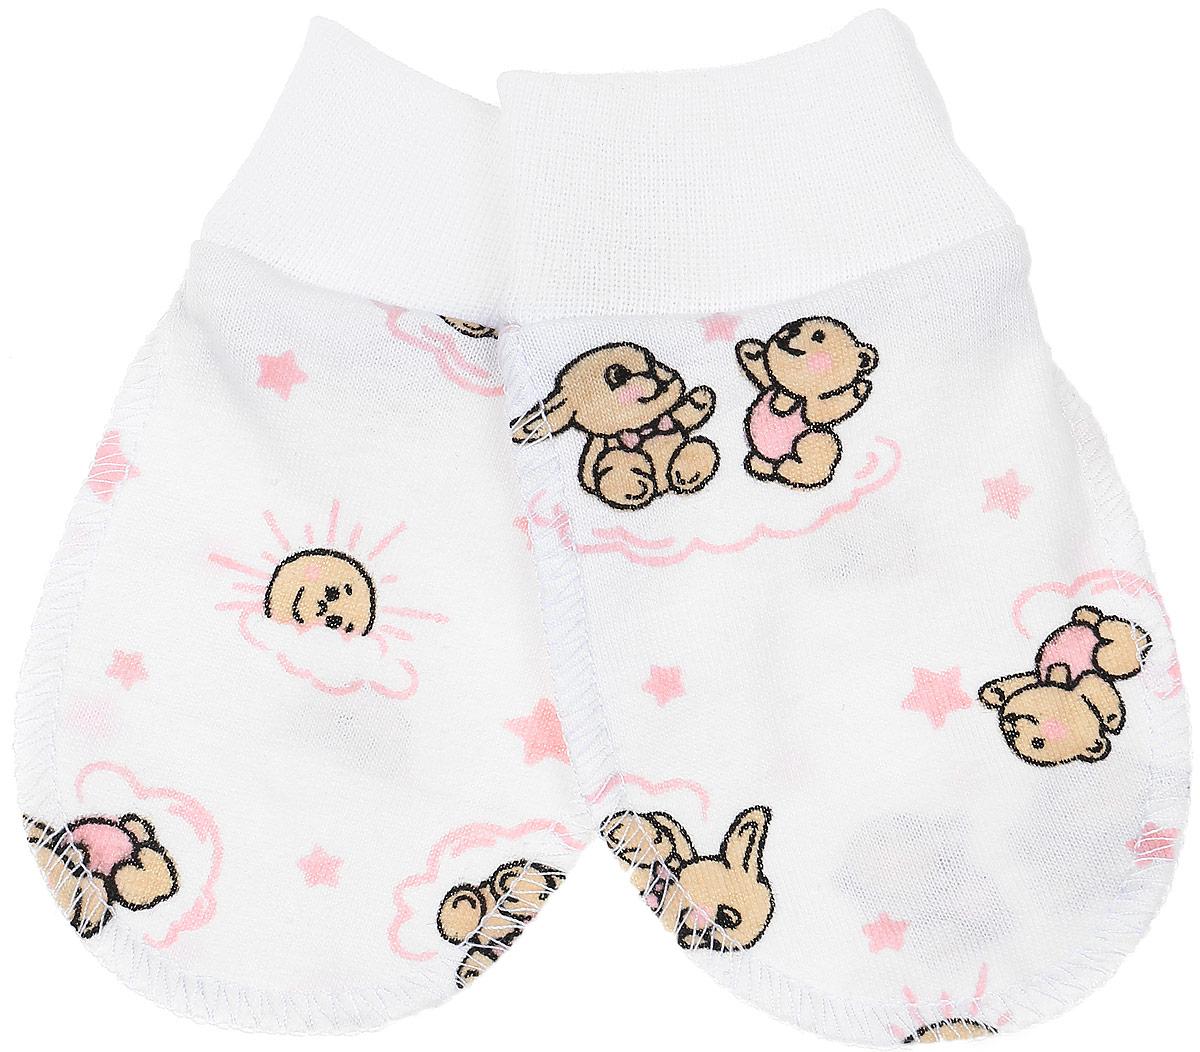 Рукавички Чудесные одежки, цвет: белый, розовый, бежевый. 5906. Размер 625906Рукавички для младенцев Чудесные одежки изготовлены из натурального хлопка. Они не раздражают нежную кожу ребенка. Широкие мягкие резинки не стягивают ручки. Швы выполнены на лицевую сторону.